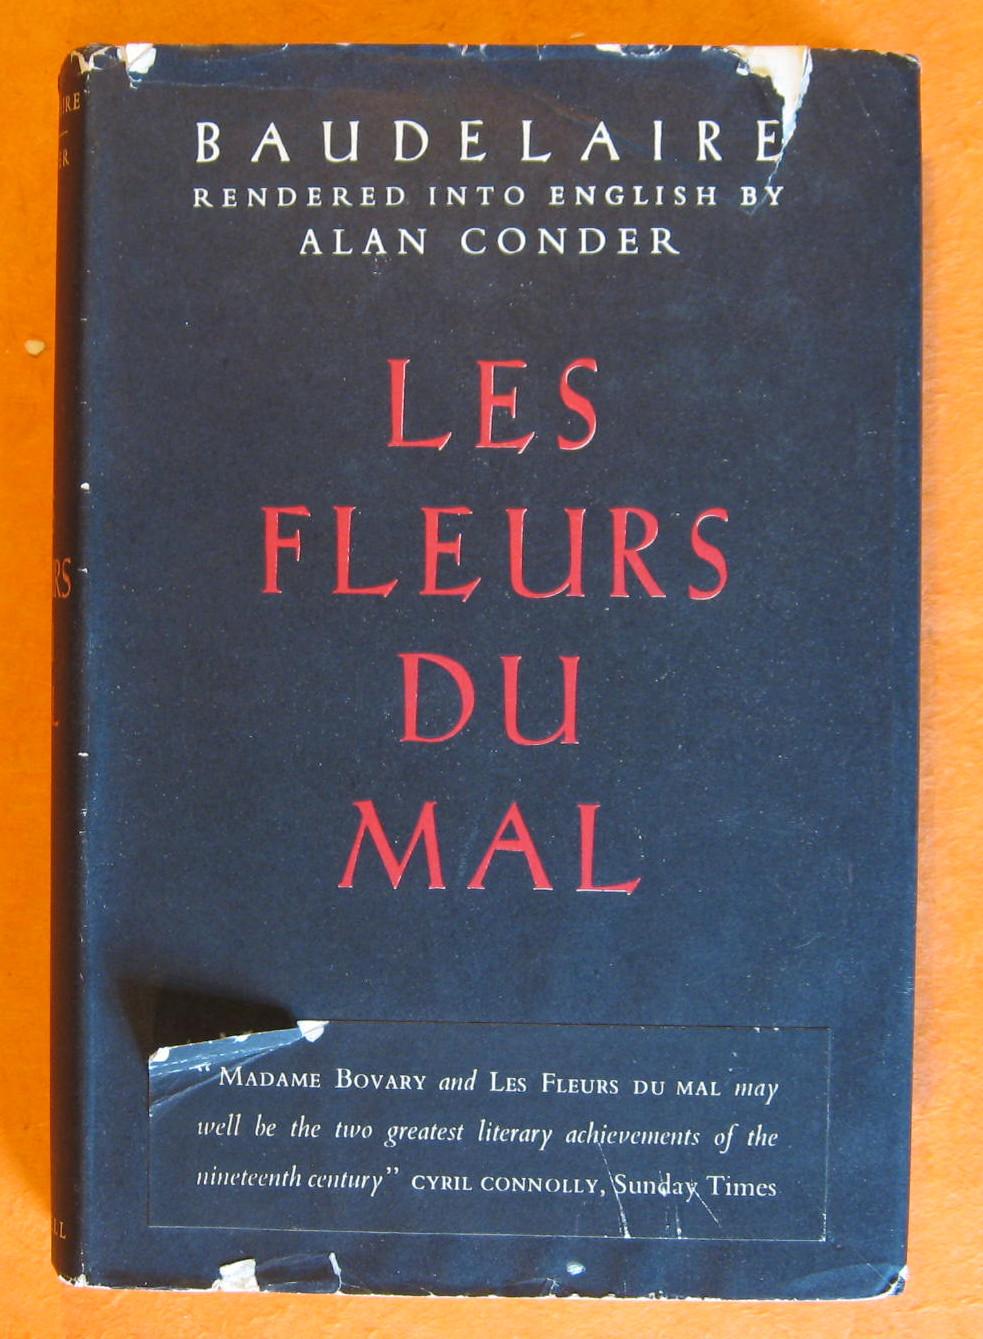 Les Fleurs Du Mal, Baudelaire, Pierre Charles; Conder, Alan (Translator)